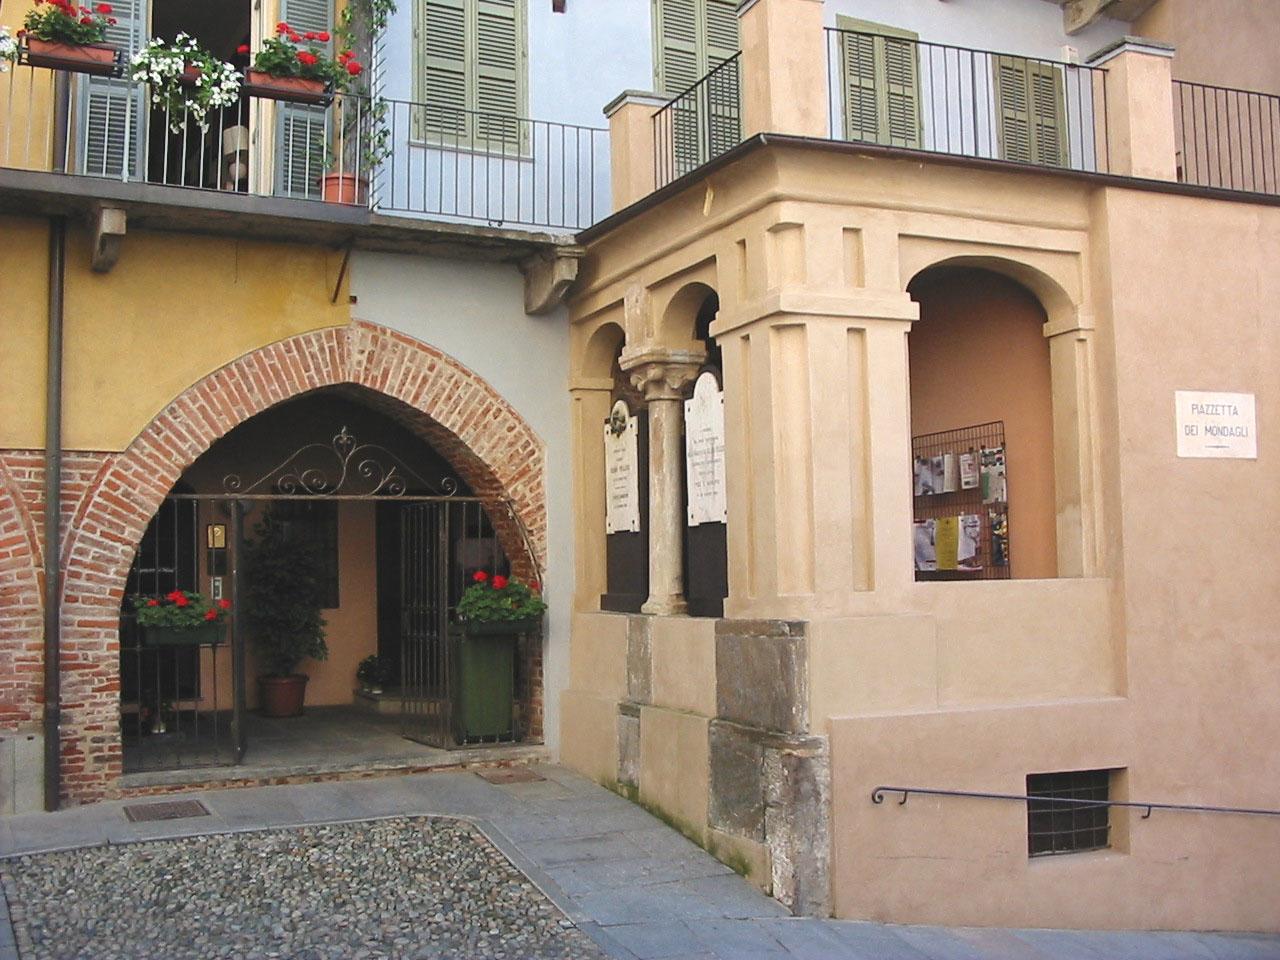 Saluzzo, Casa Pellico - exterior